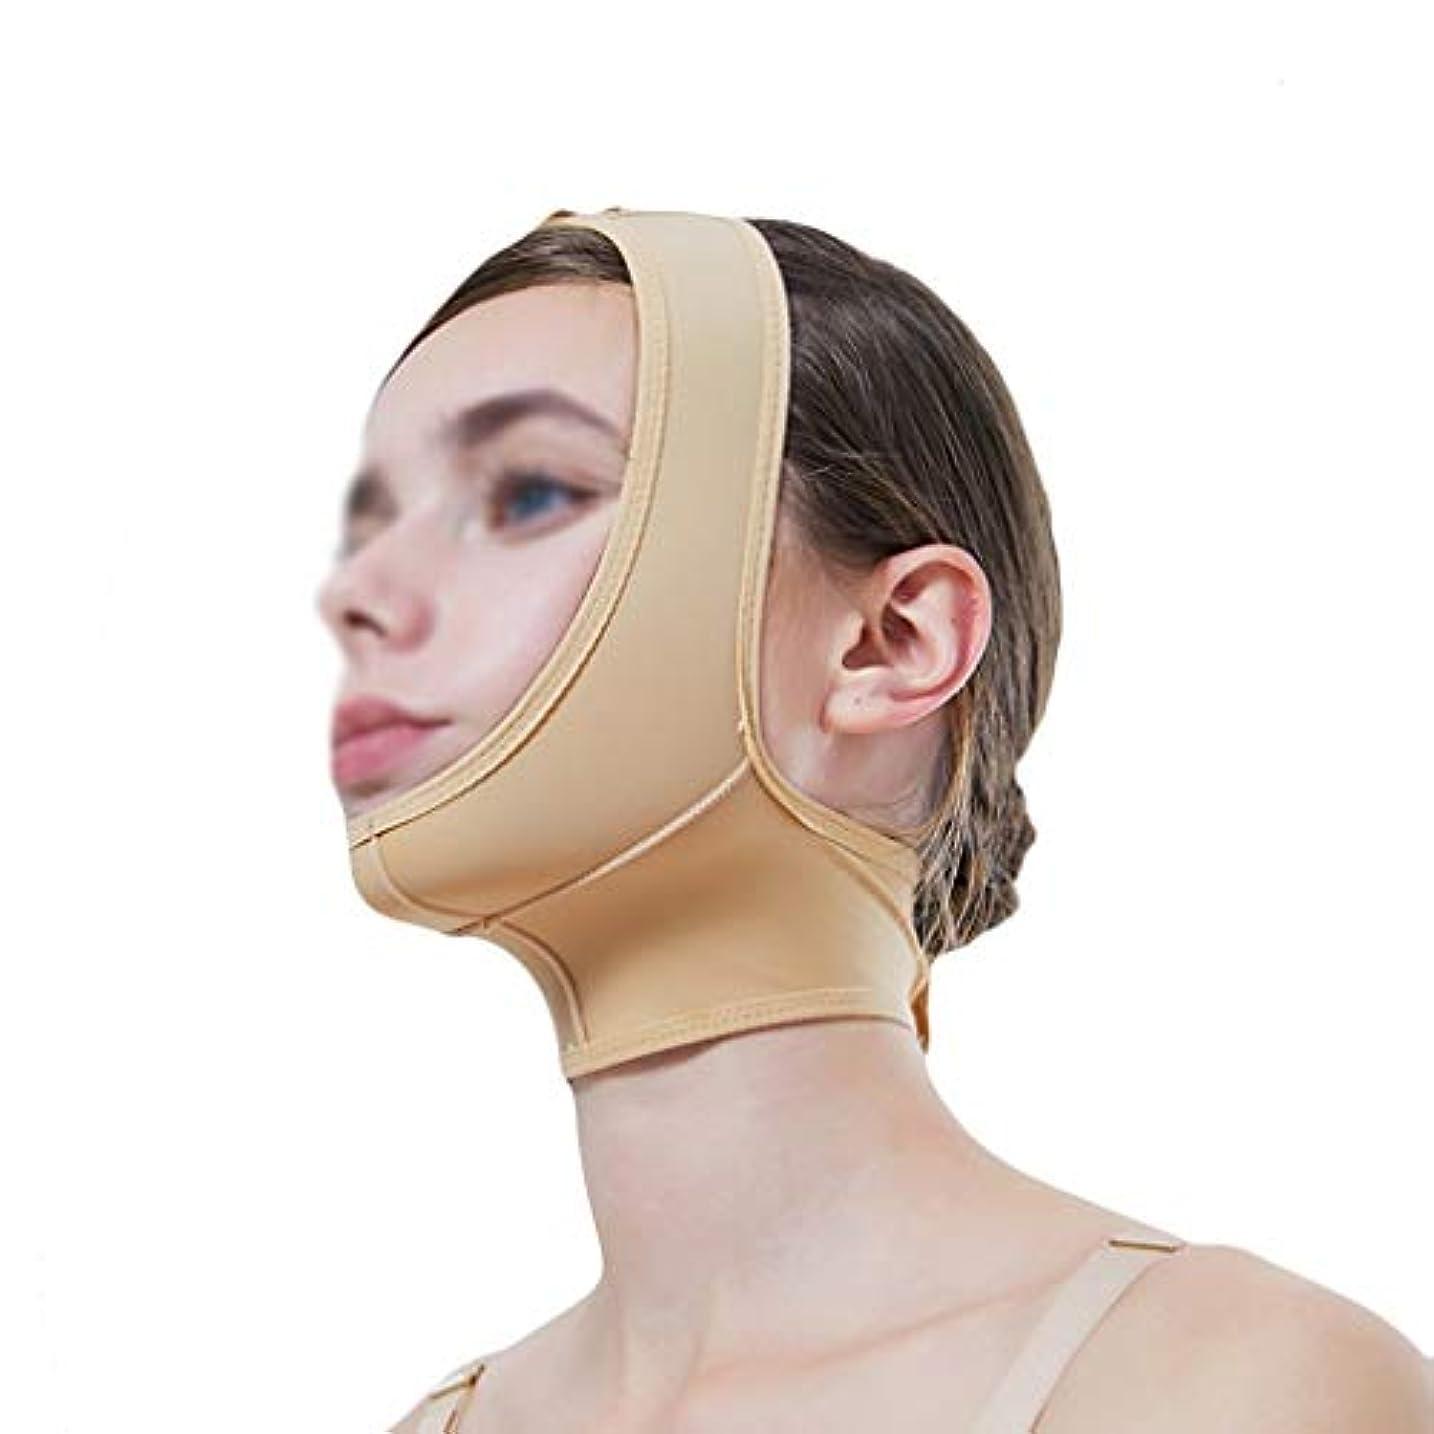 メーカー倒産性交マスク、超薄型ベルト、フェイスリフティングに適しています、フェイスリフティング、通気性包帯、チンリフティングベルト、超薄型ベルト、通気性 (Size : XS)